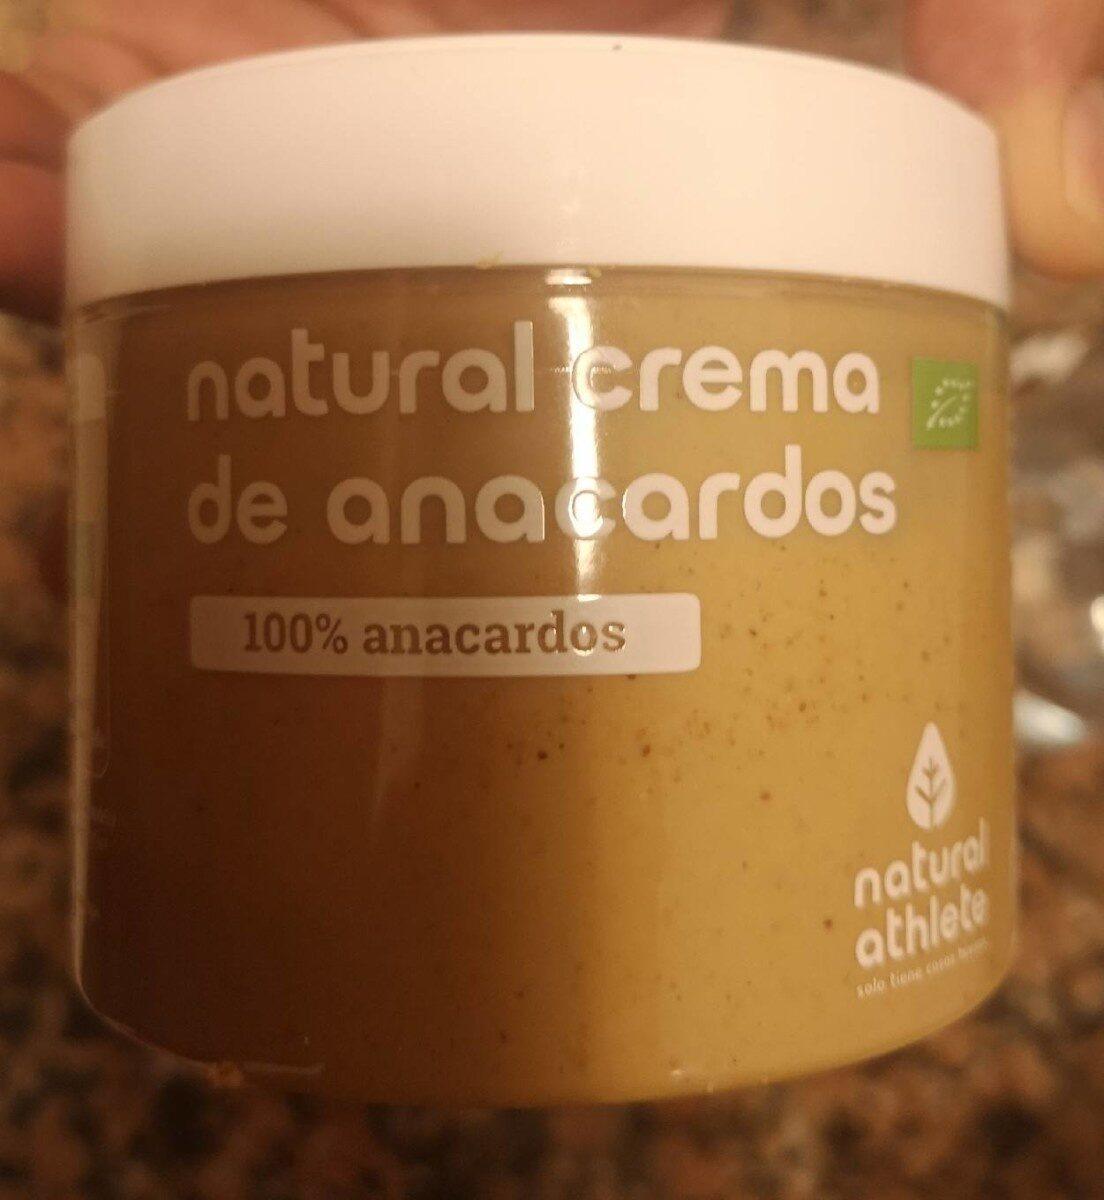 Crema de anacardos - Producto - es